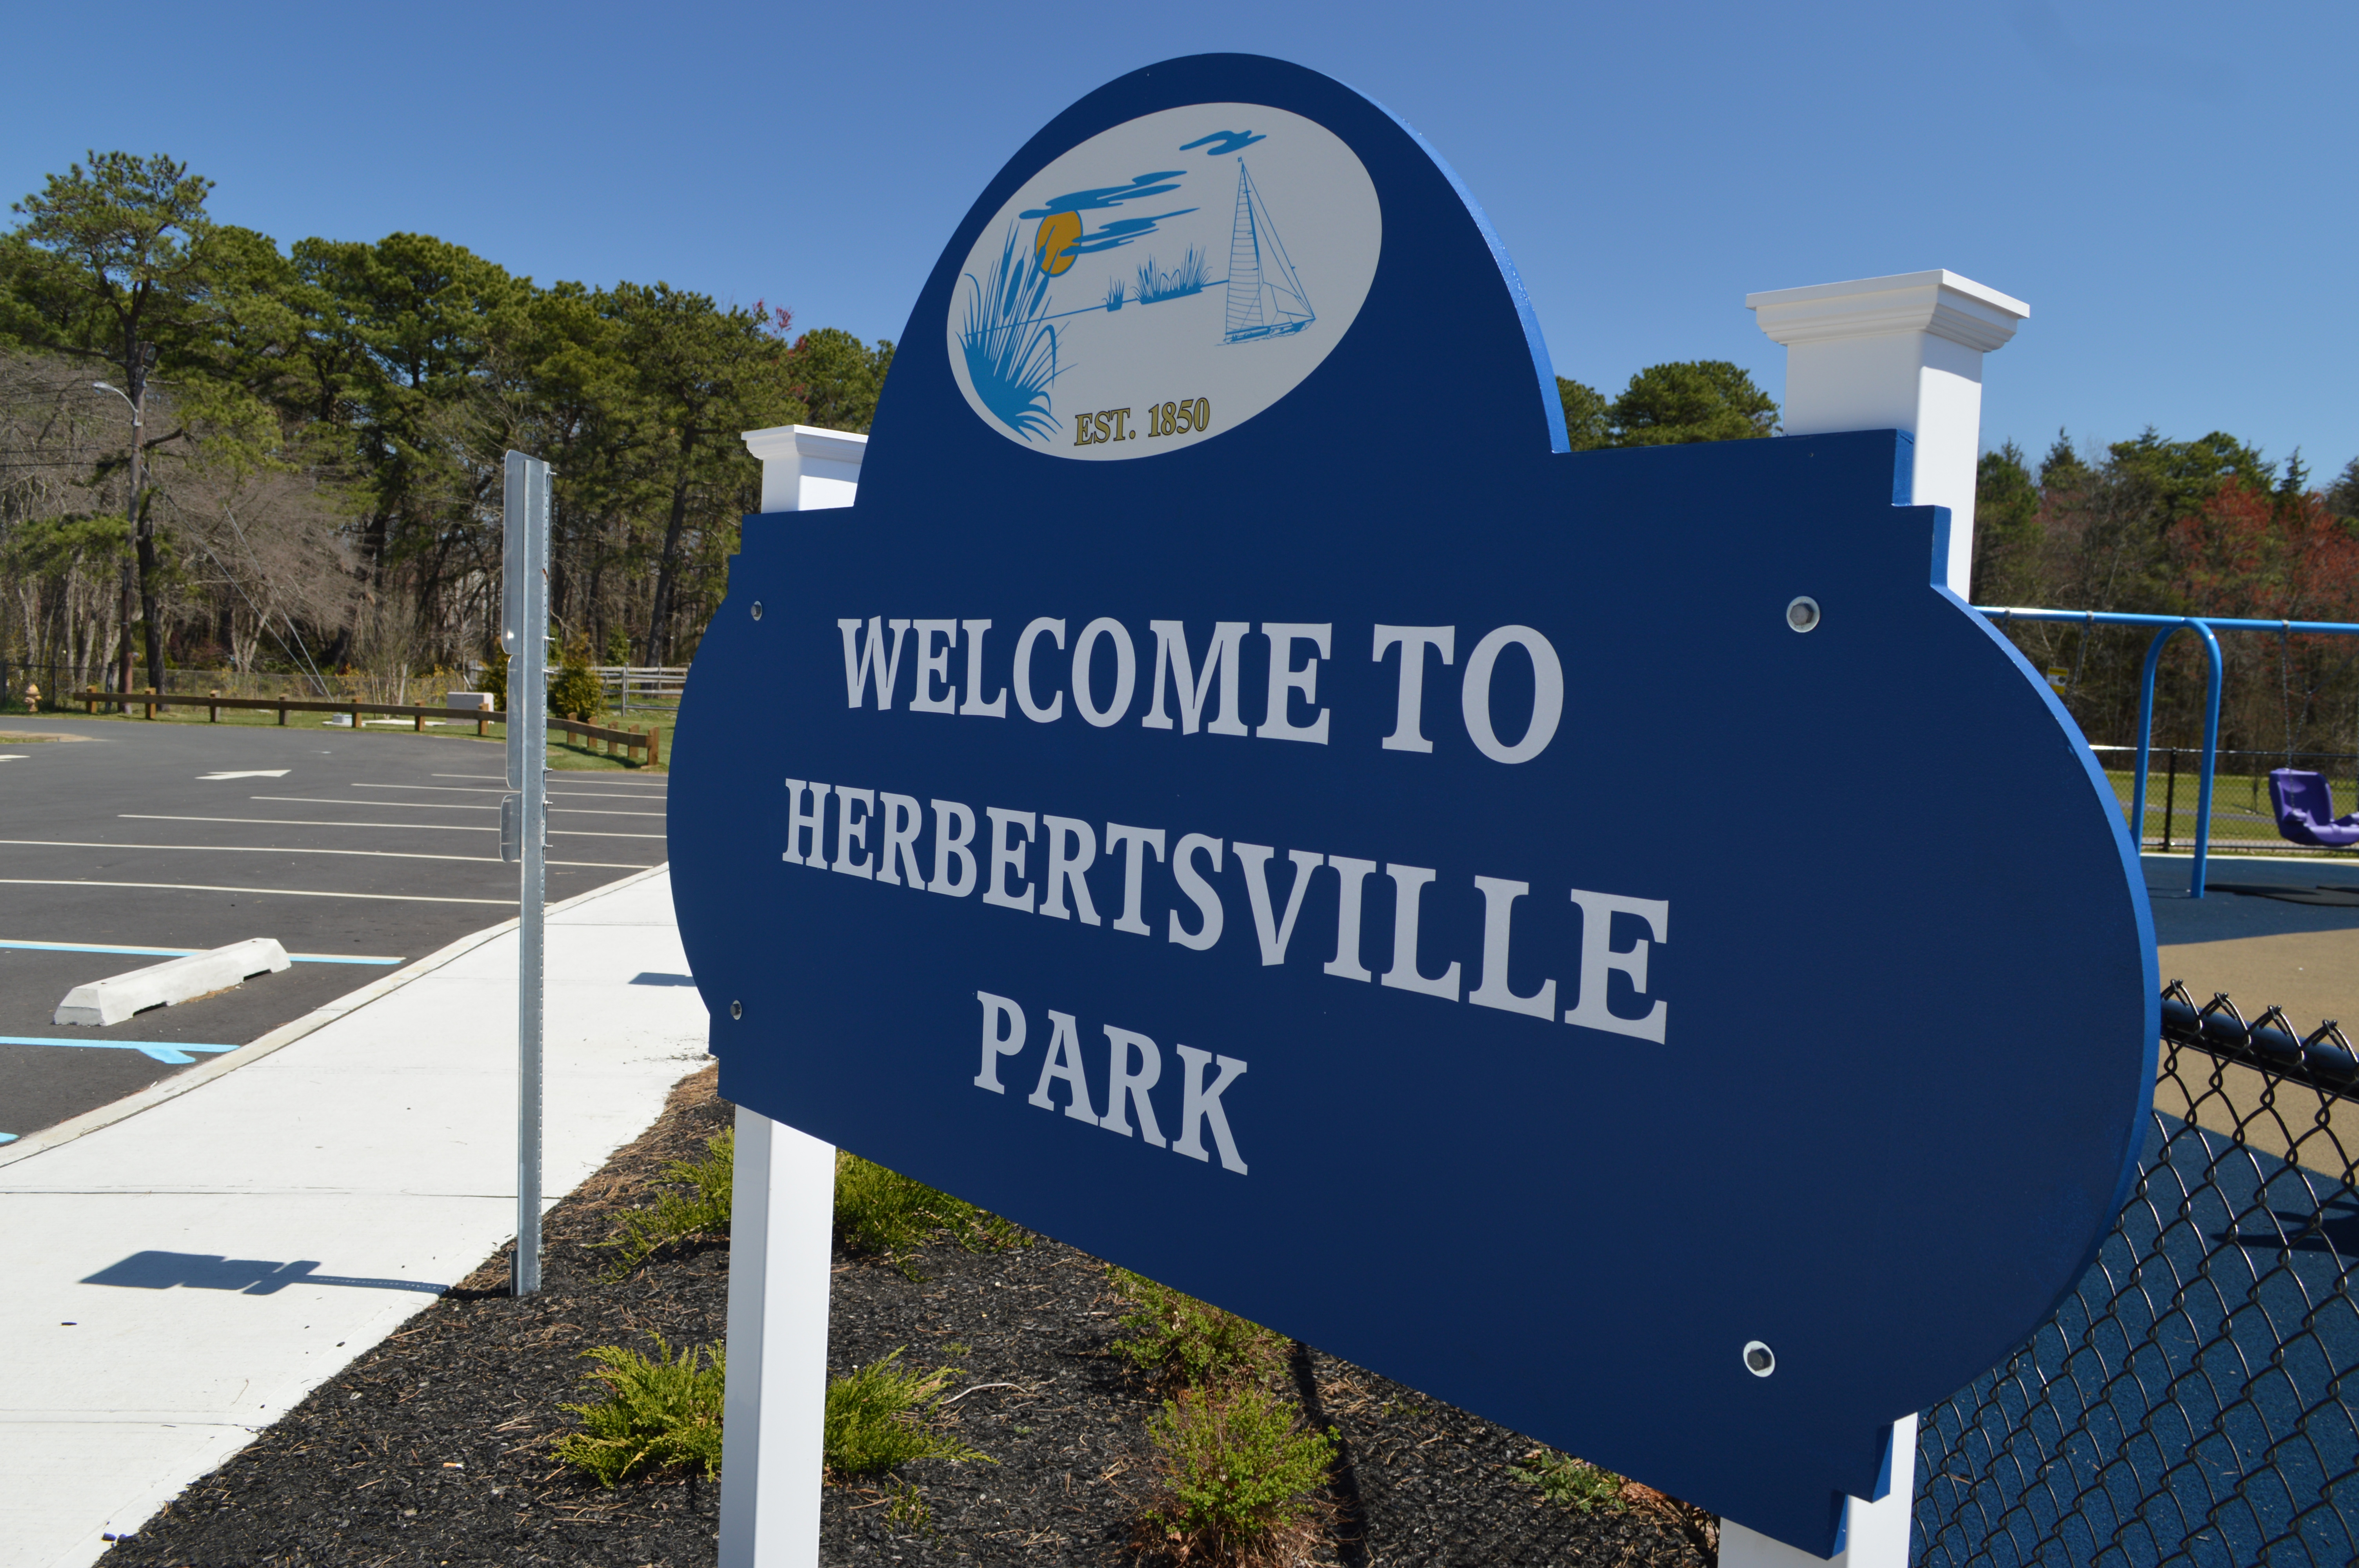 Herbertsville Park (Photo: Daniel Nee)